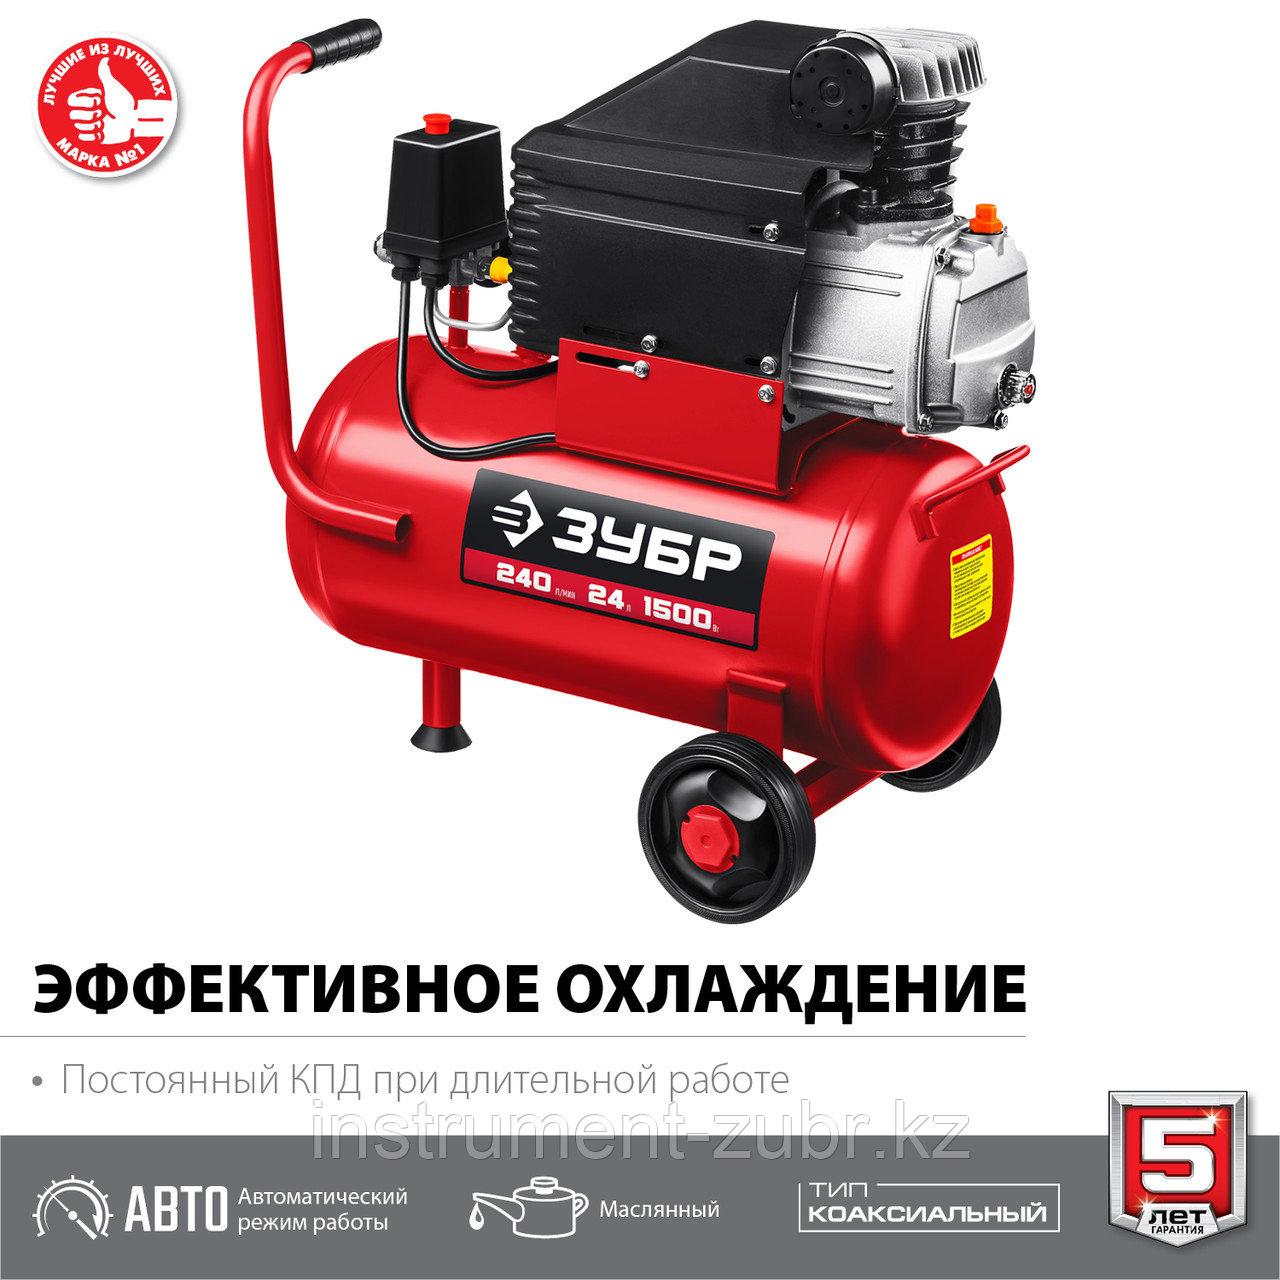 Компрессор воздушный, 240 л/мин, 24 л, 1500 Вт, ЗУБР - фото 3